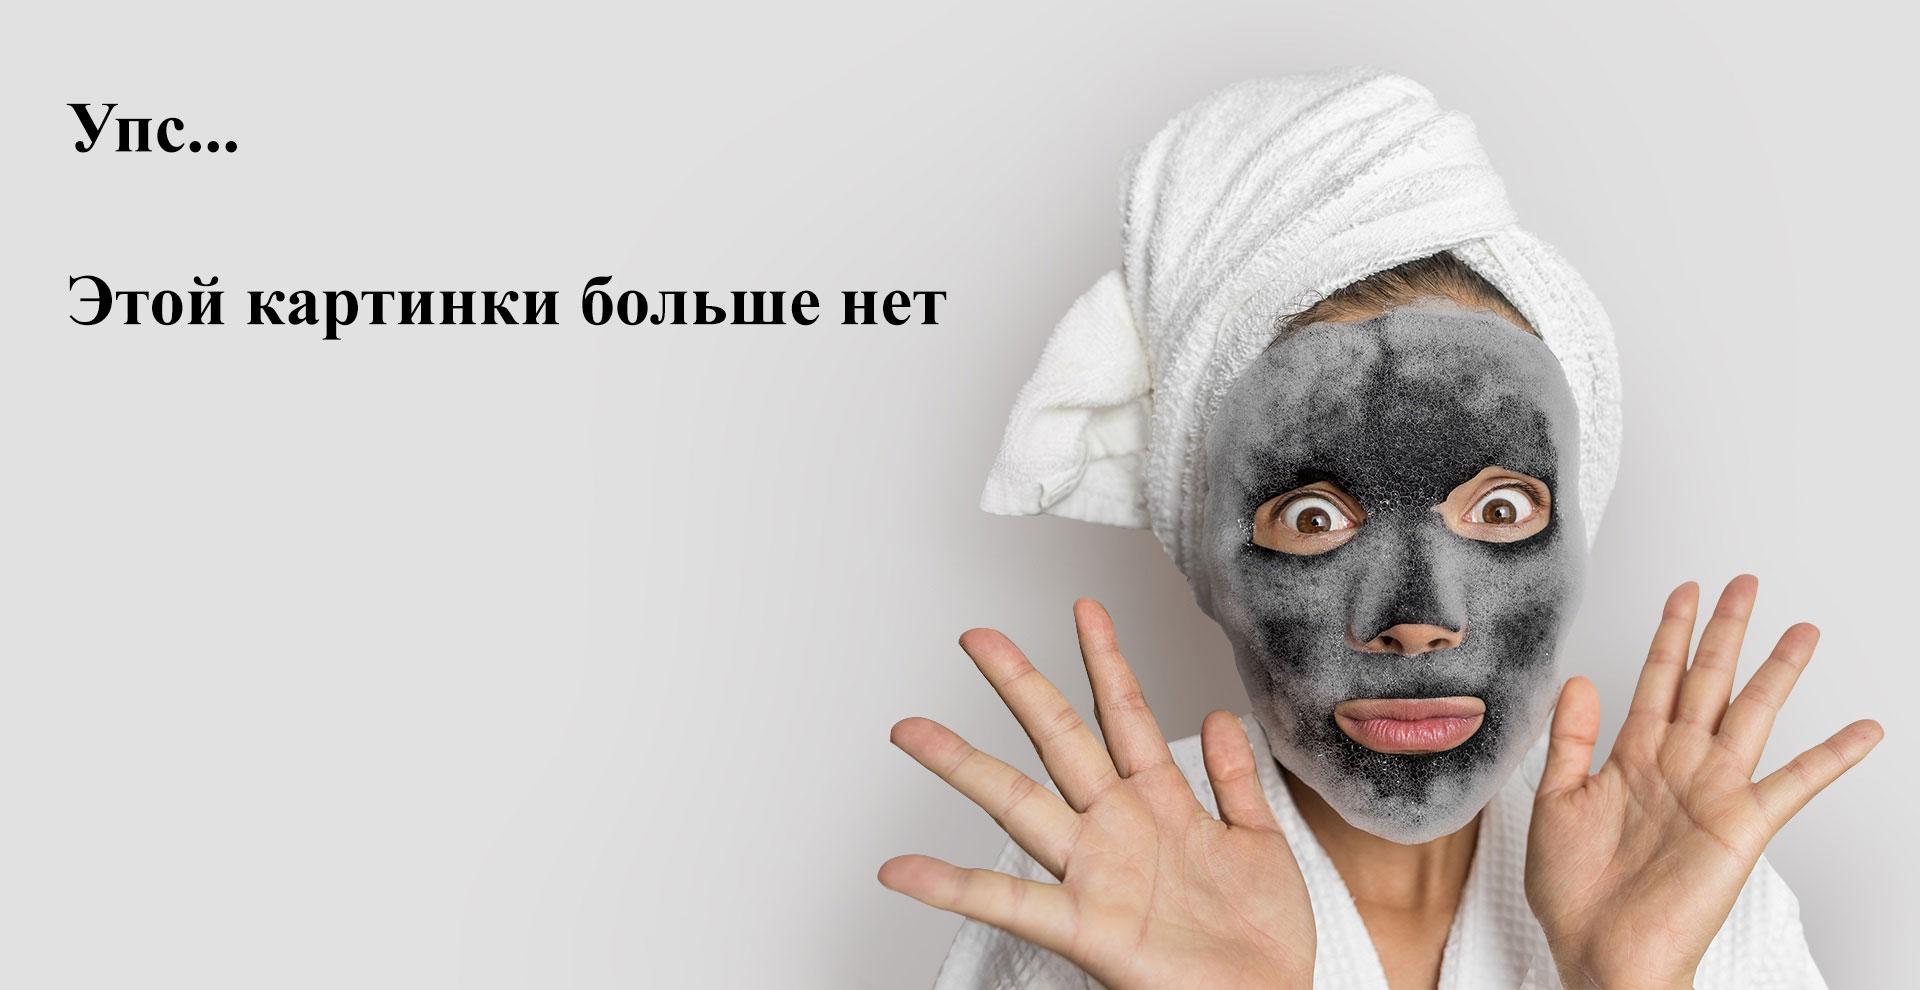 Нolika Holika, Гель-Пилинг для очистки пор Pig-nose, 30 мл